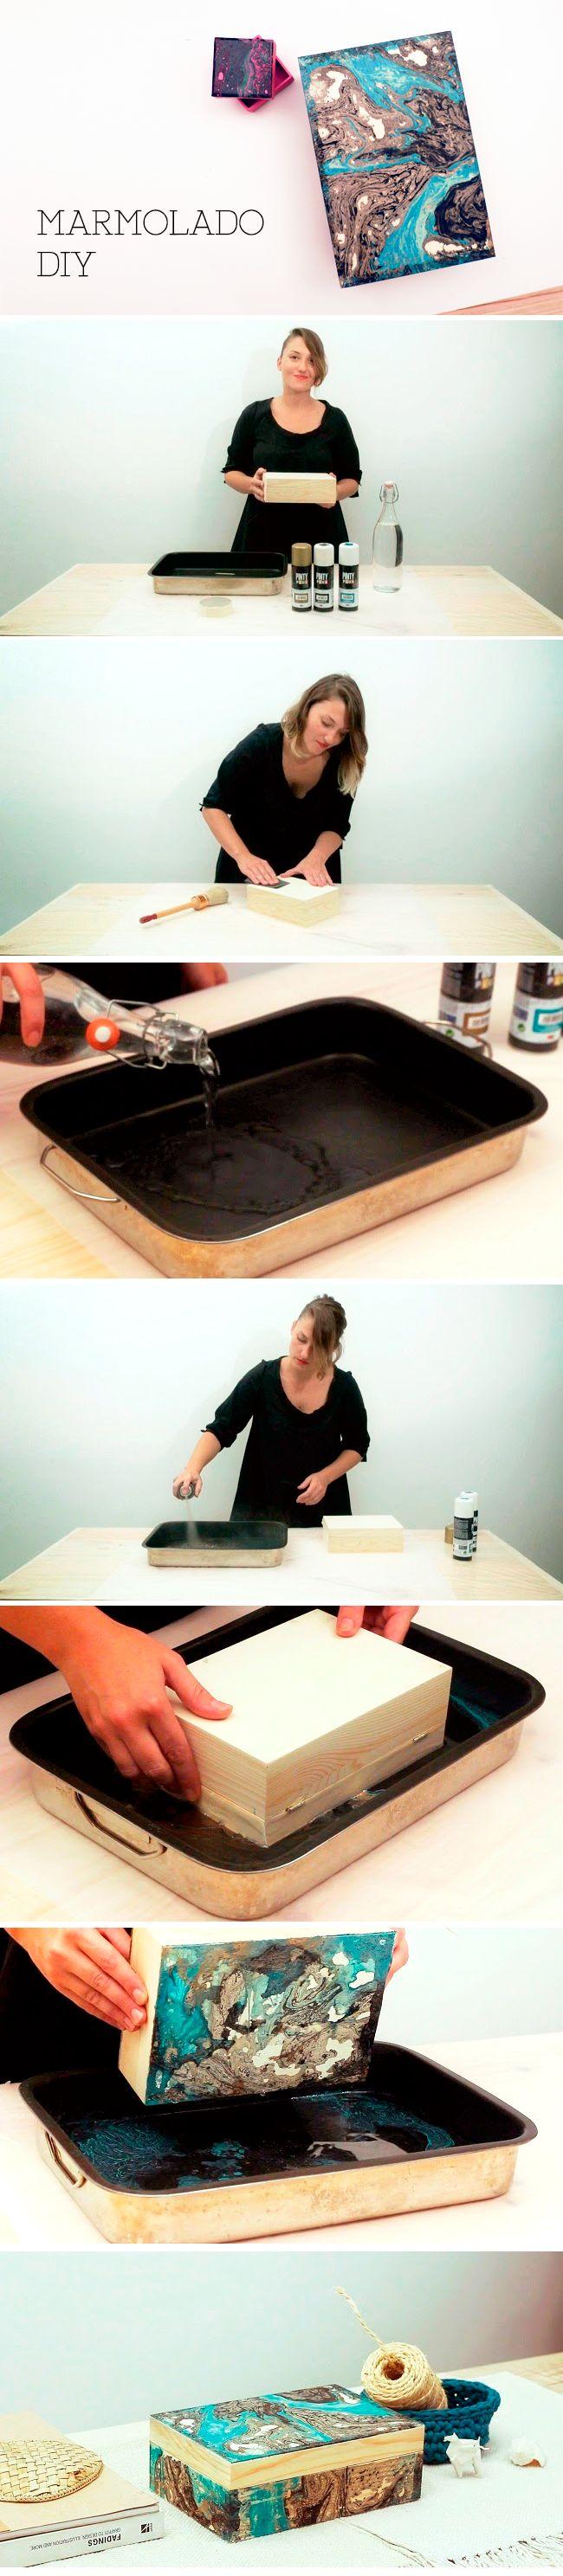 excelente forma de hacer un estilo marmolado para decorar tus cajas y darle un toque mas lindo :)